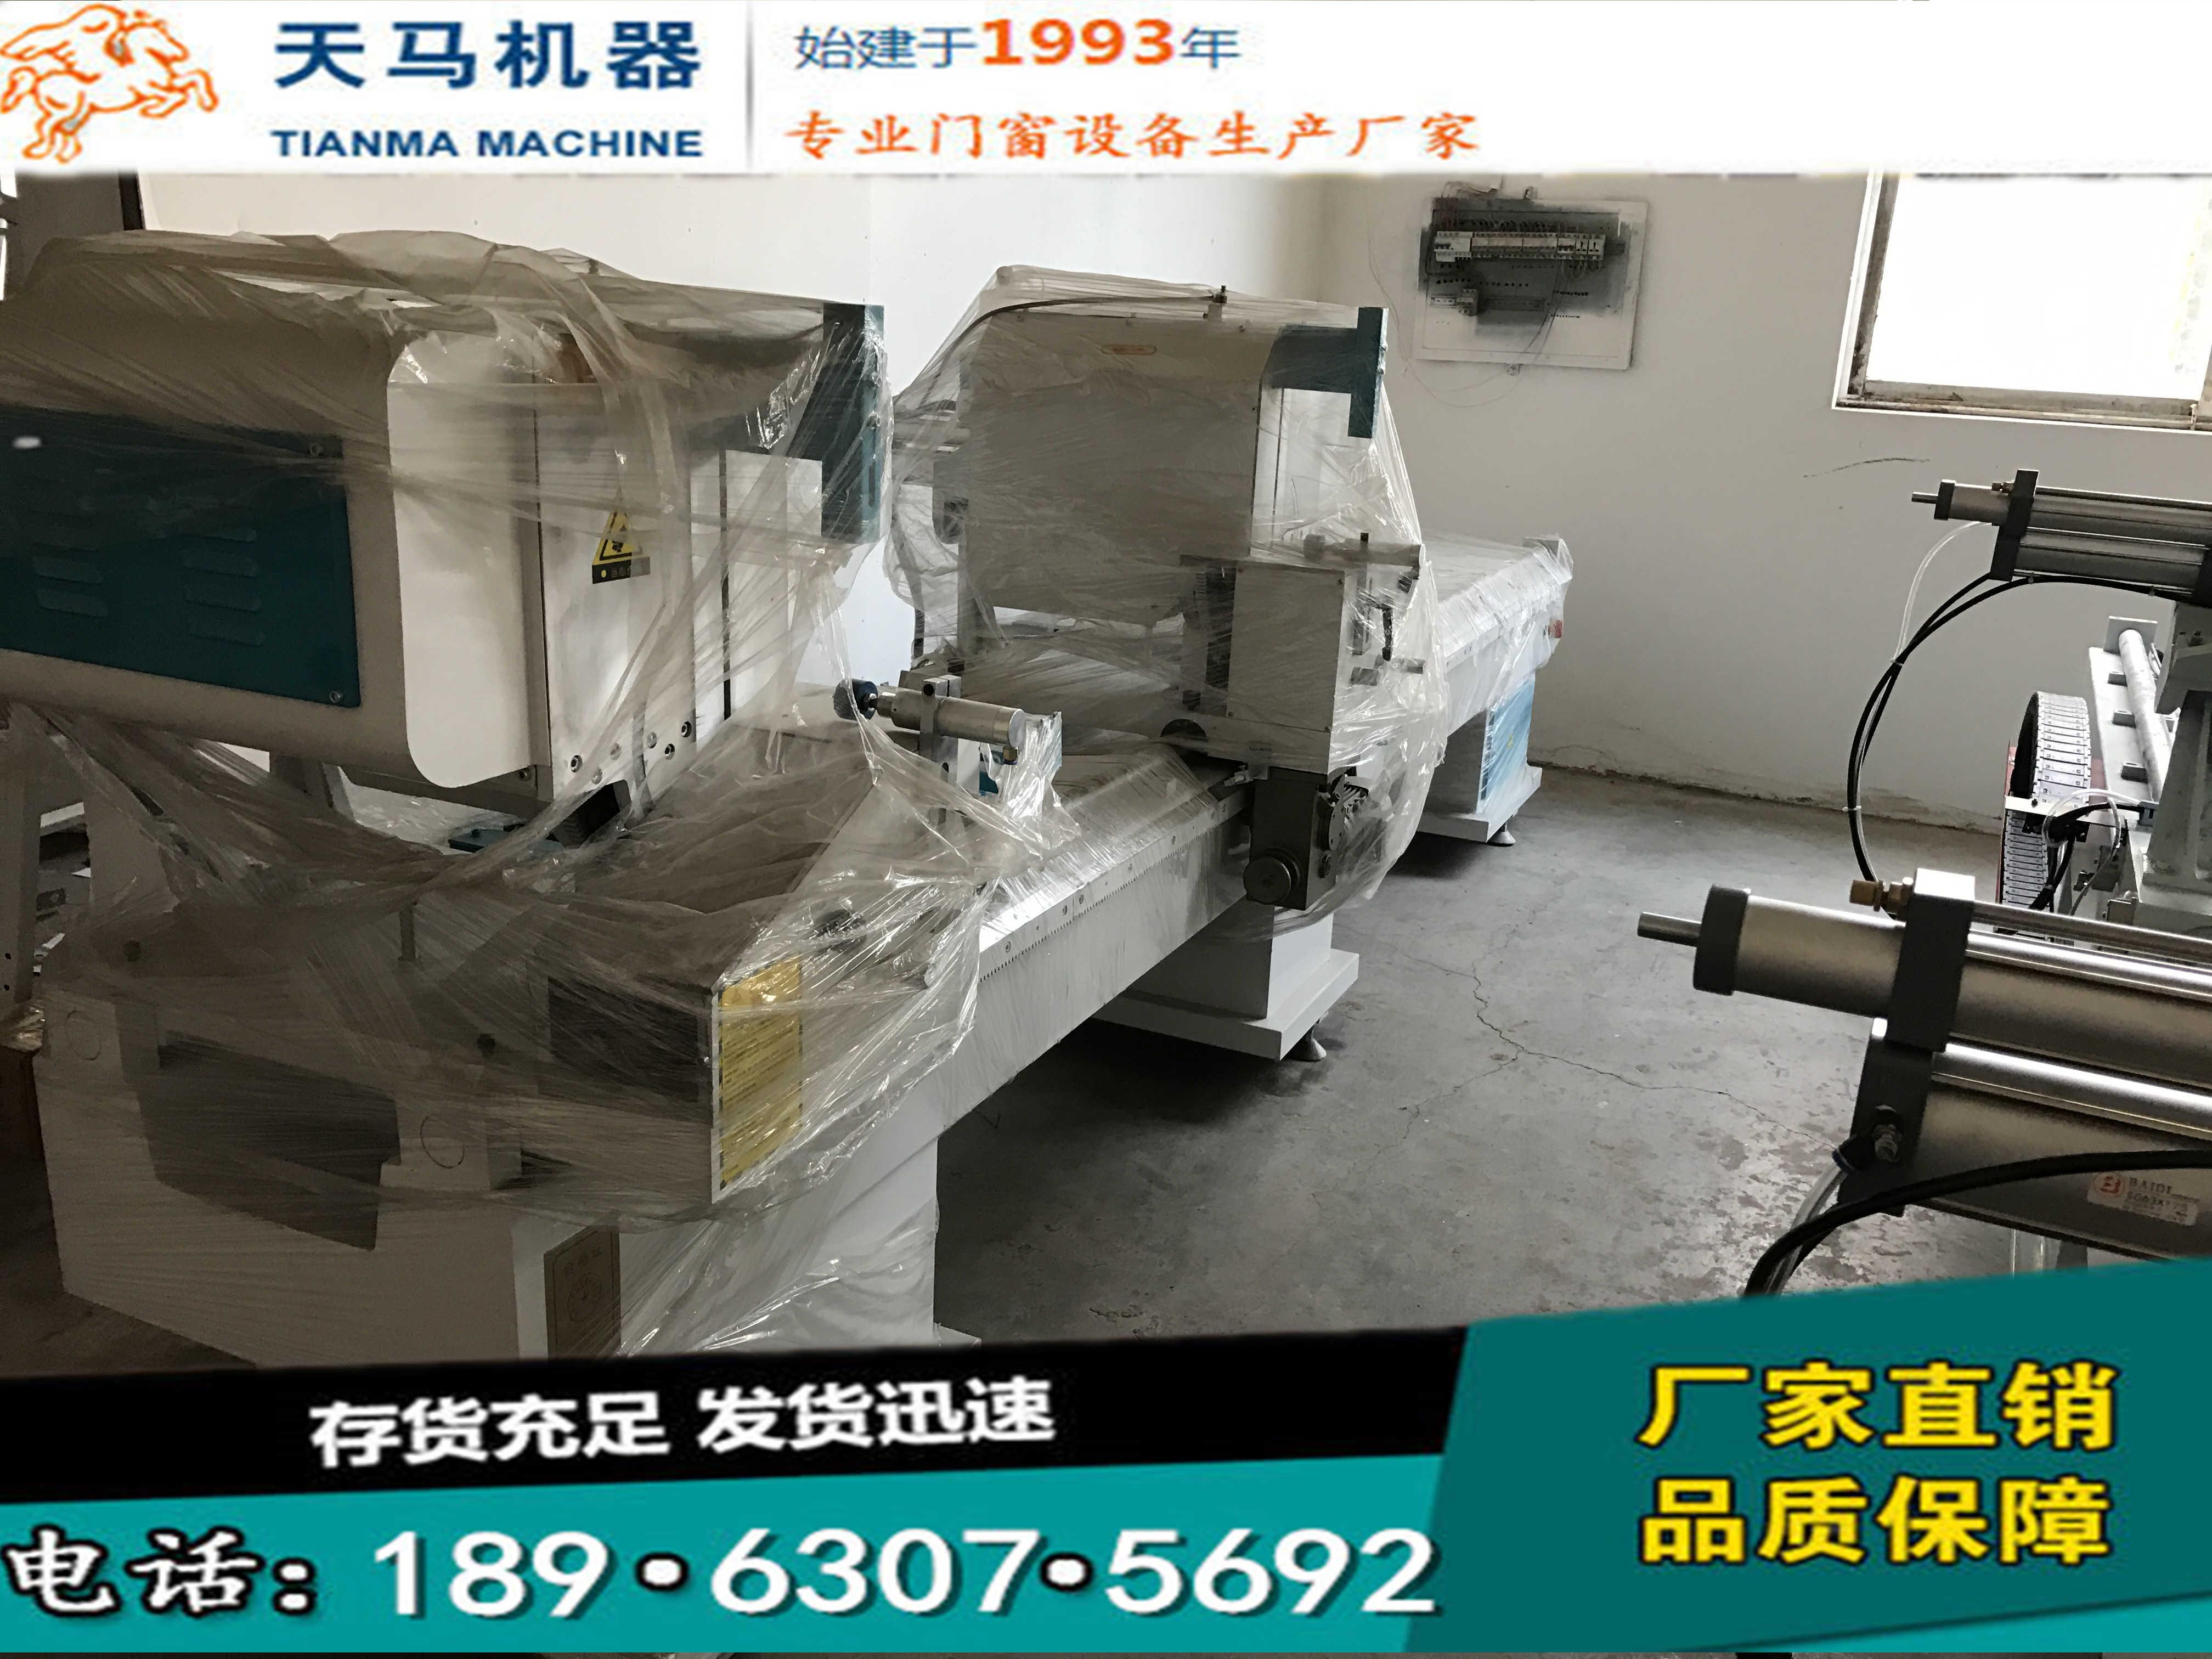 北京做高档断桥门窗用的机械设备厂家报价